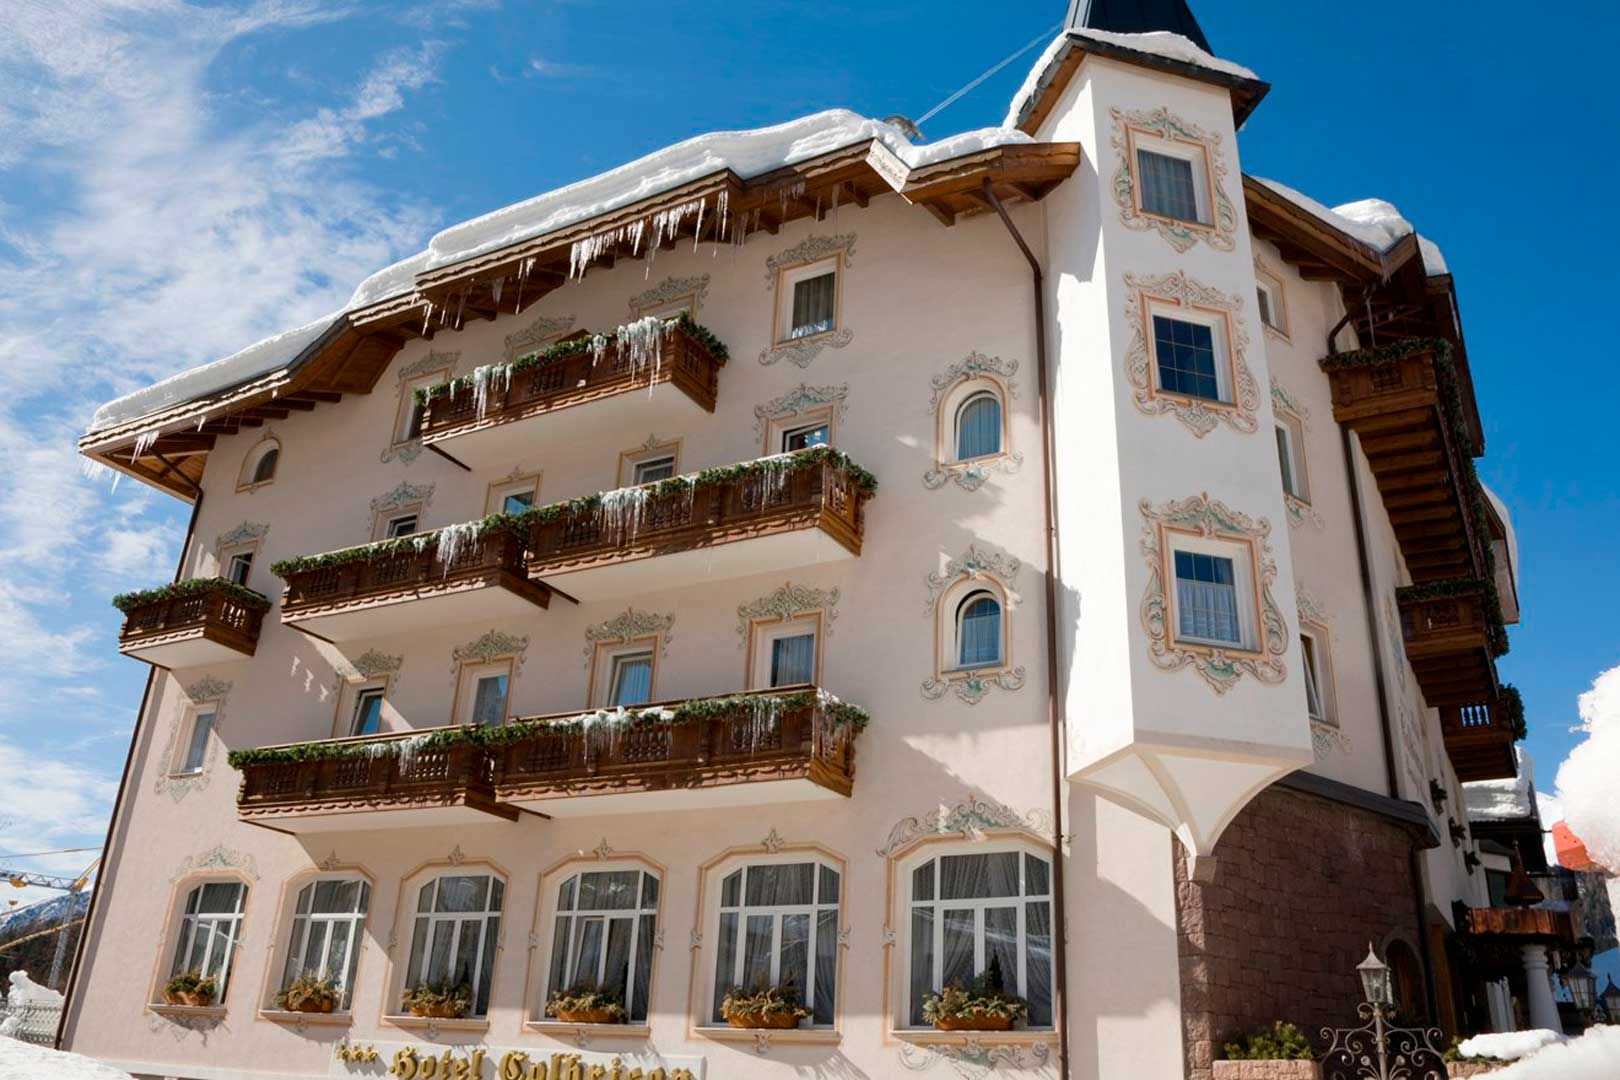 Hotel Colbericon Beauty & Relax - San Martino di Castrozza